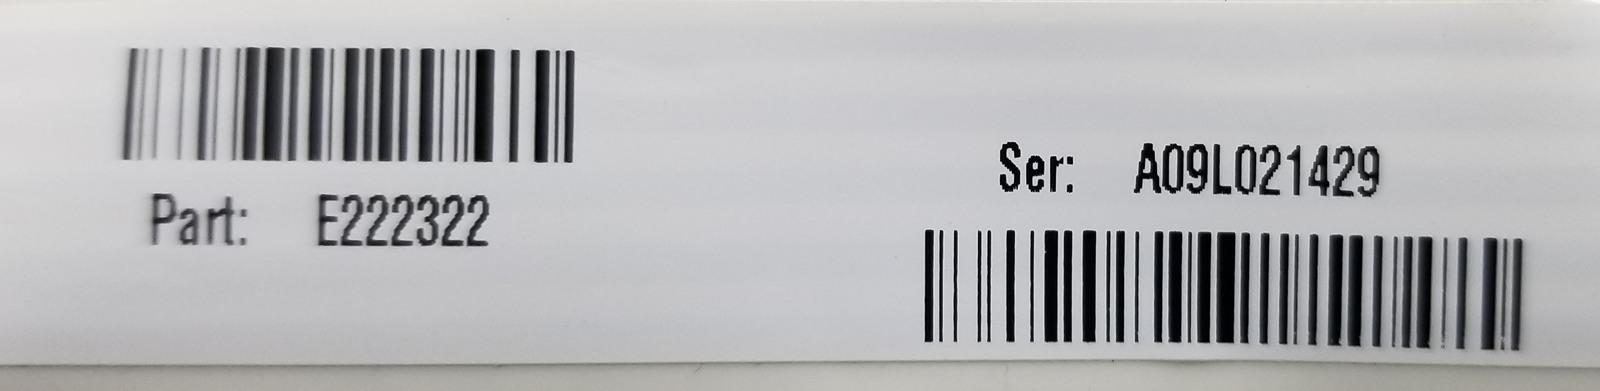 ELO E222322 SCN-AT-FLT12.1-M08-0H1-R Touchscreen Glass Panel Bin:2